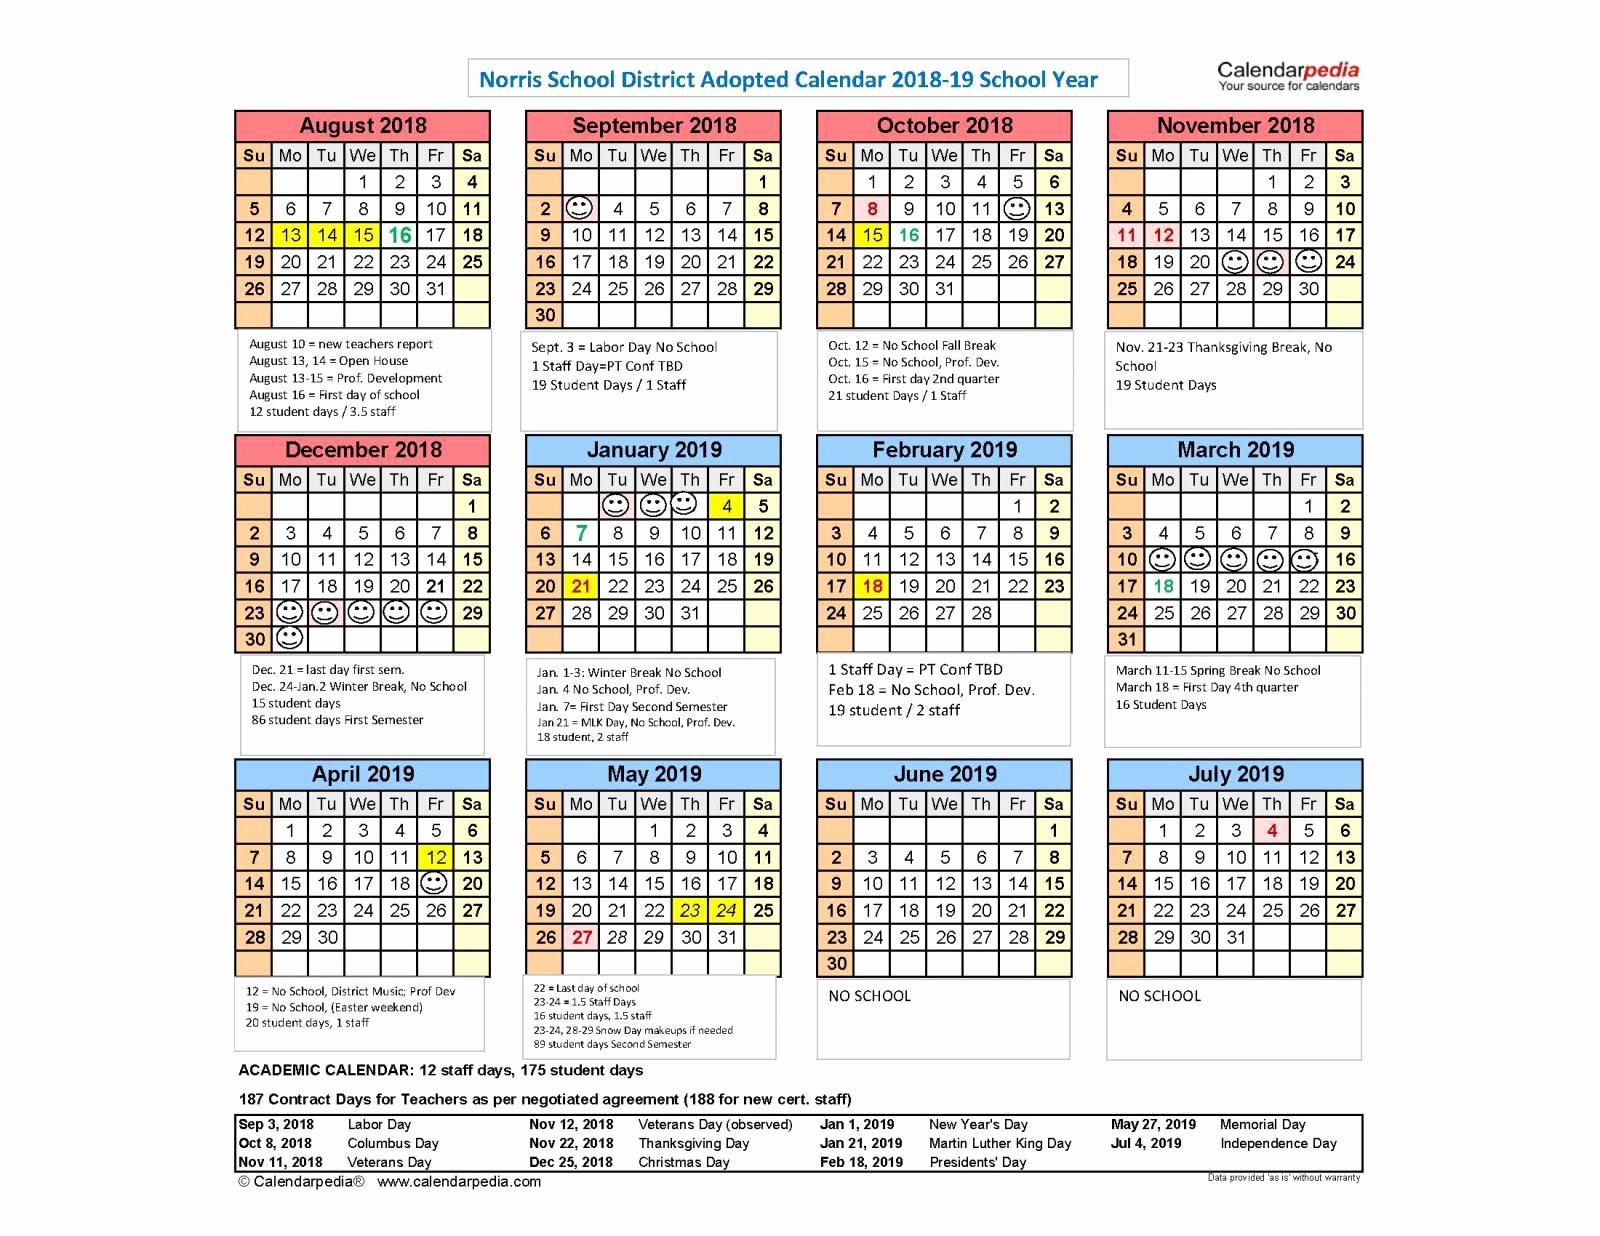 calendar 2018 19 school year available